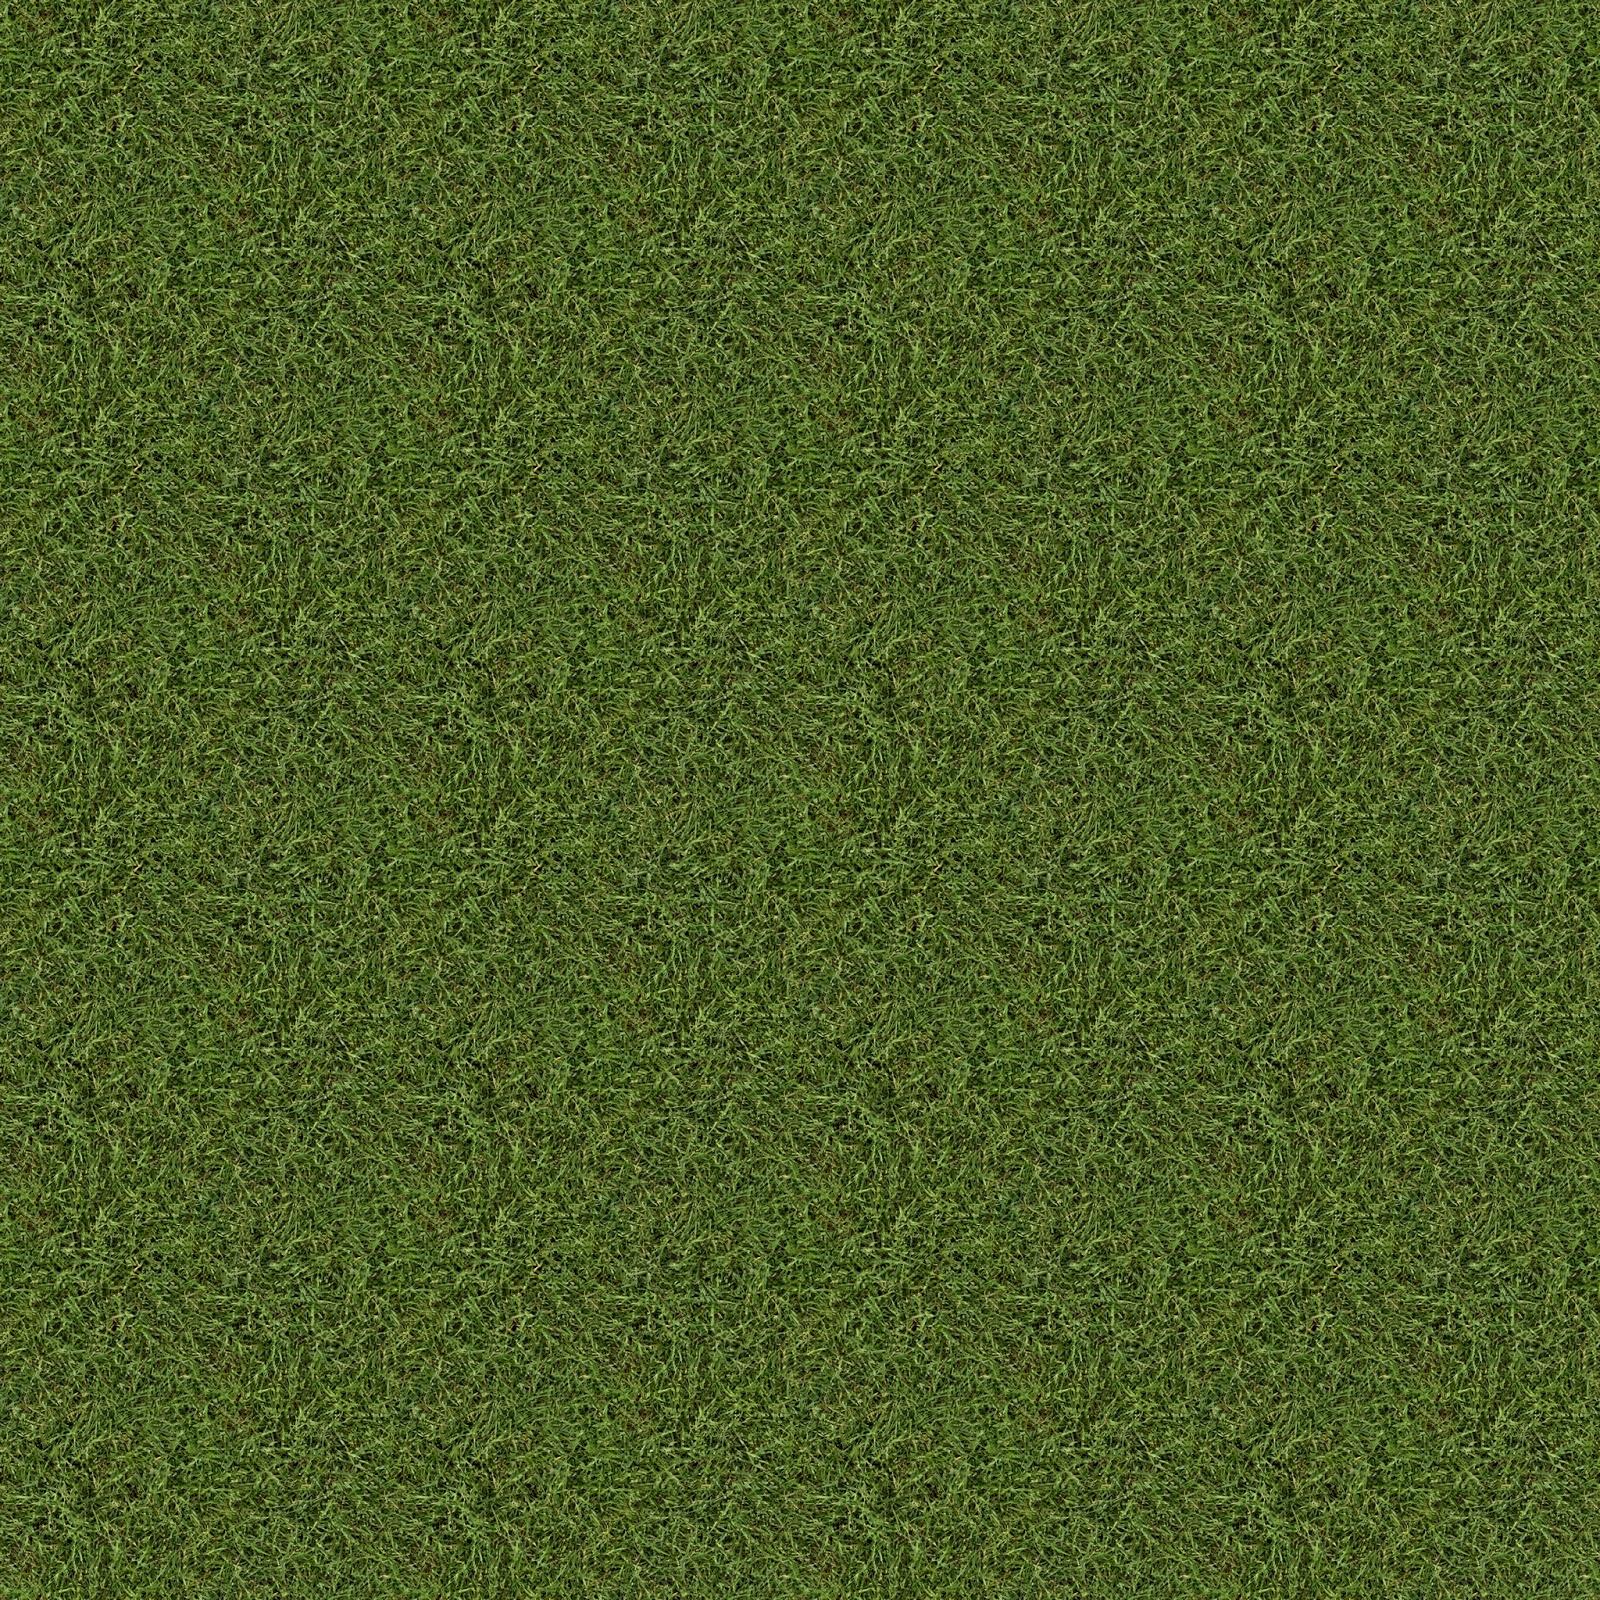 High Resolution Seamless Textures: Old Grass Texture Made